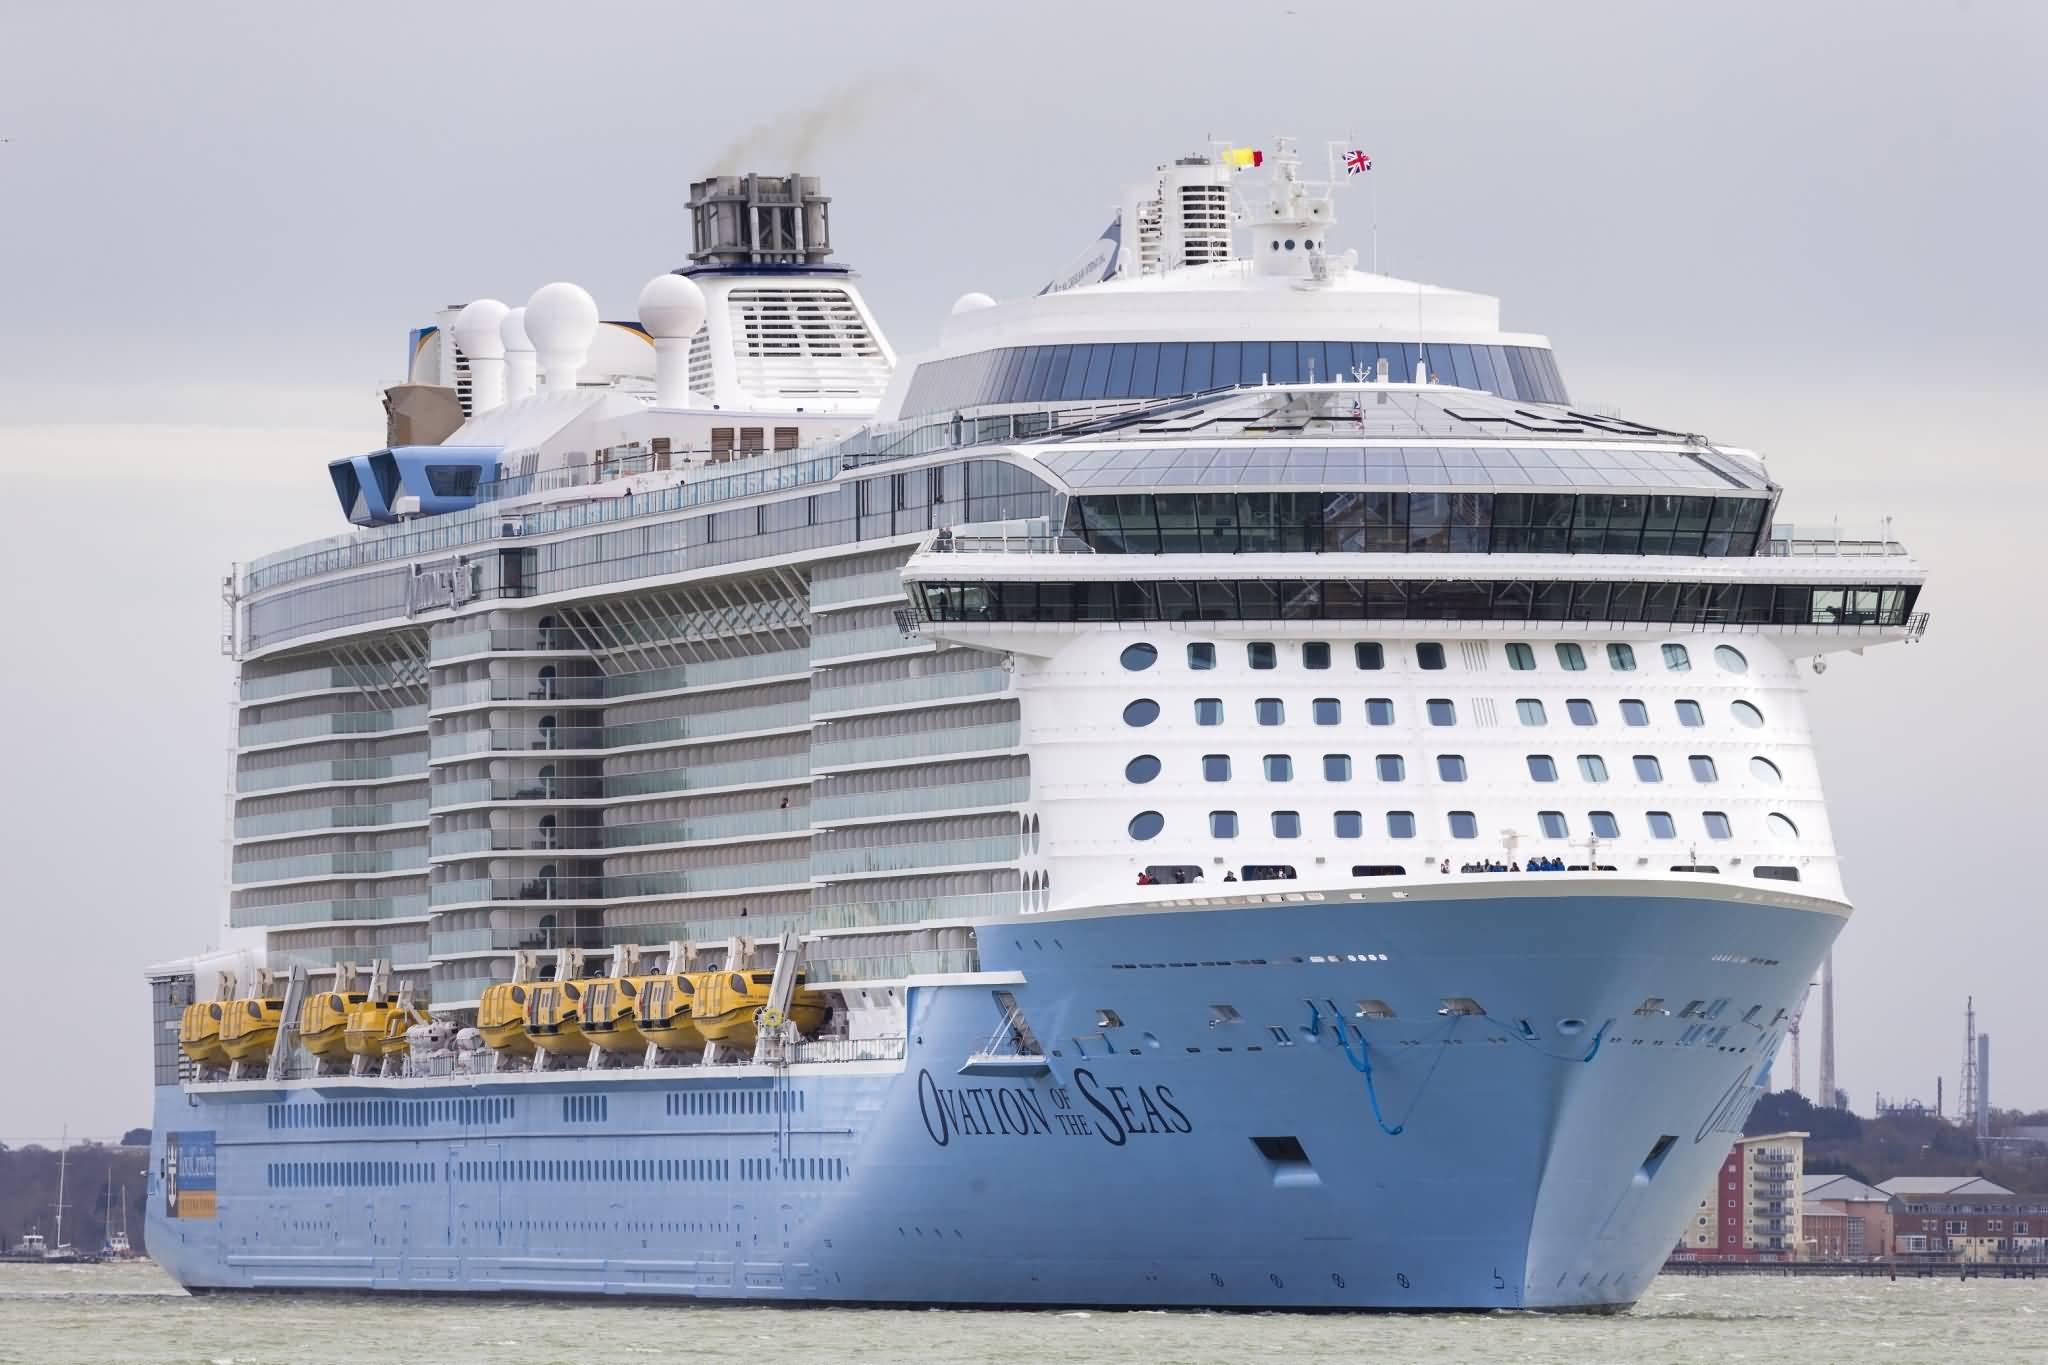 دبي تستقبل الباخرة السياحية العملاقة أوڤيشن أوف ذا سيز